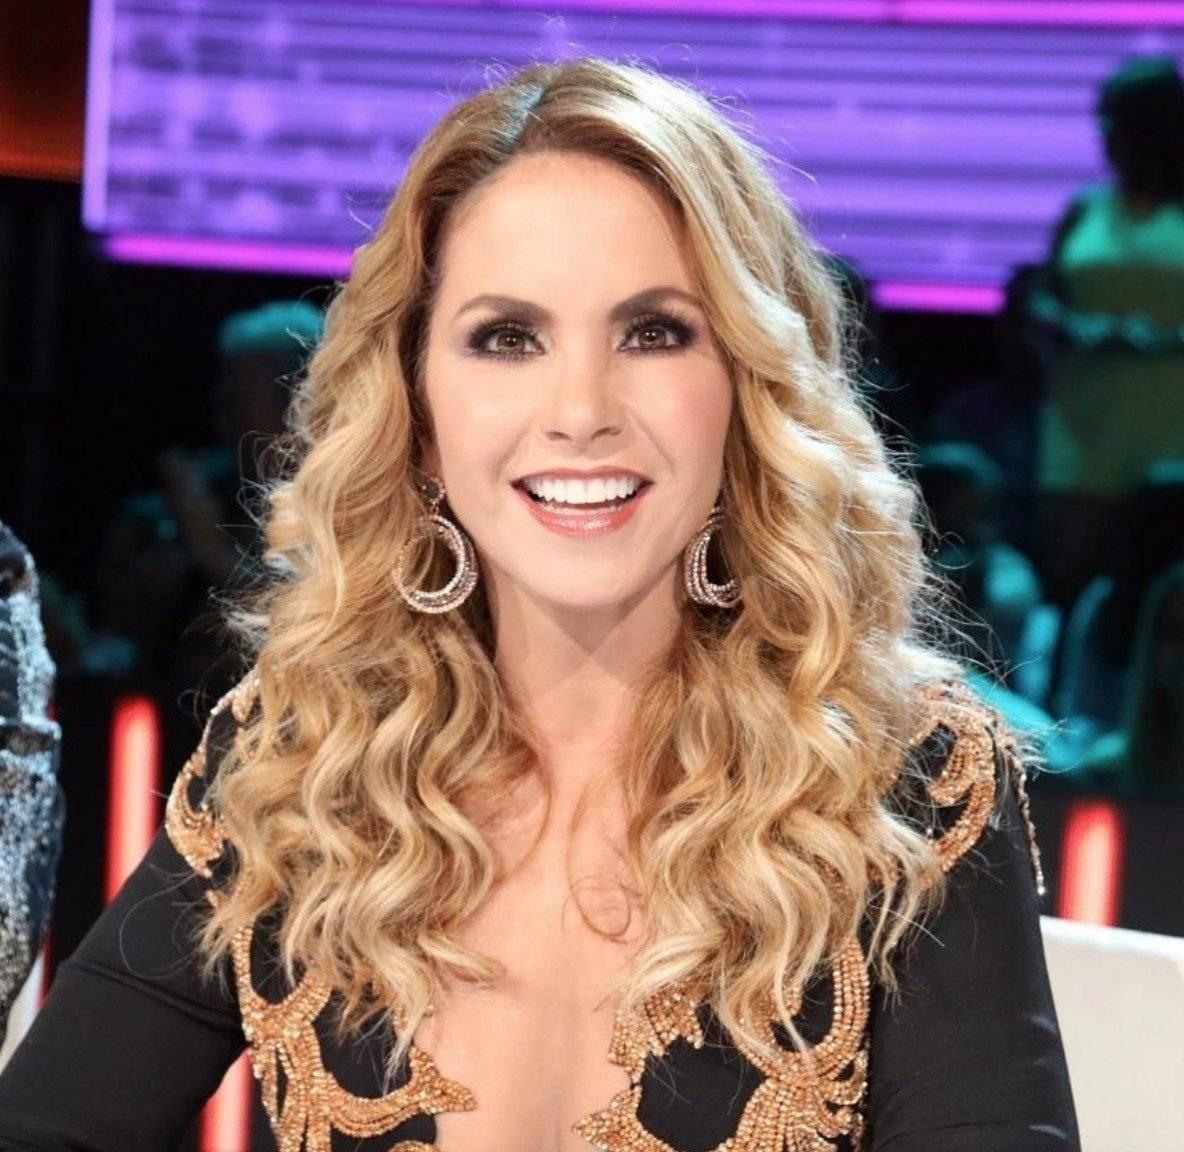 Lucero y Mijares se divorciaron en 2011 y tiene dos hijos Instagram